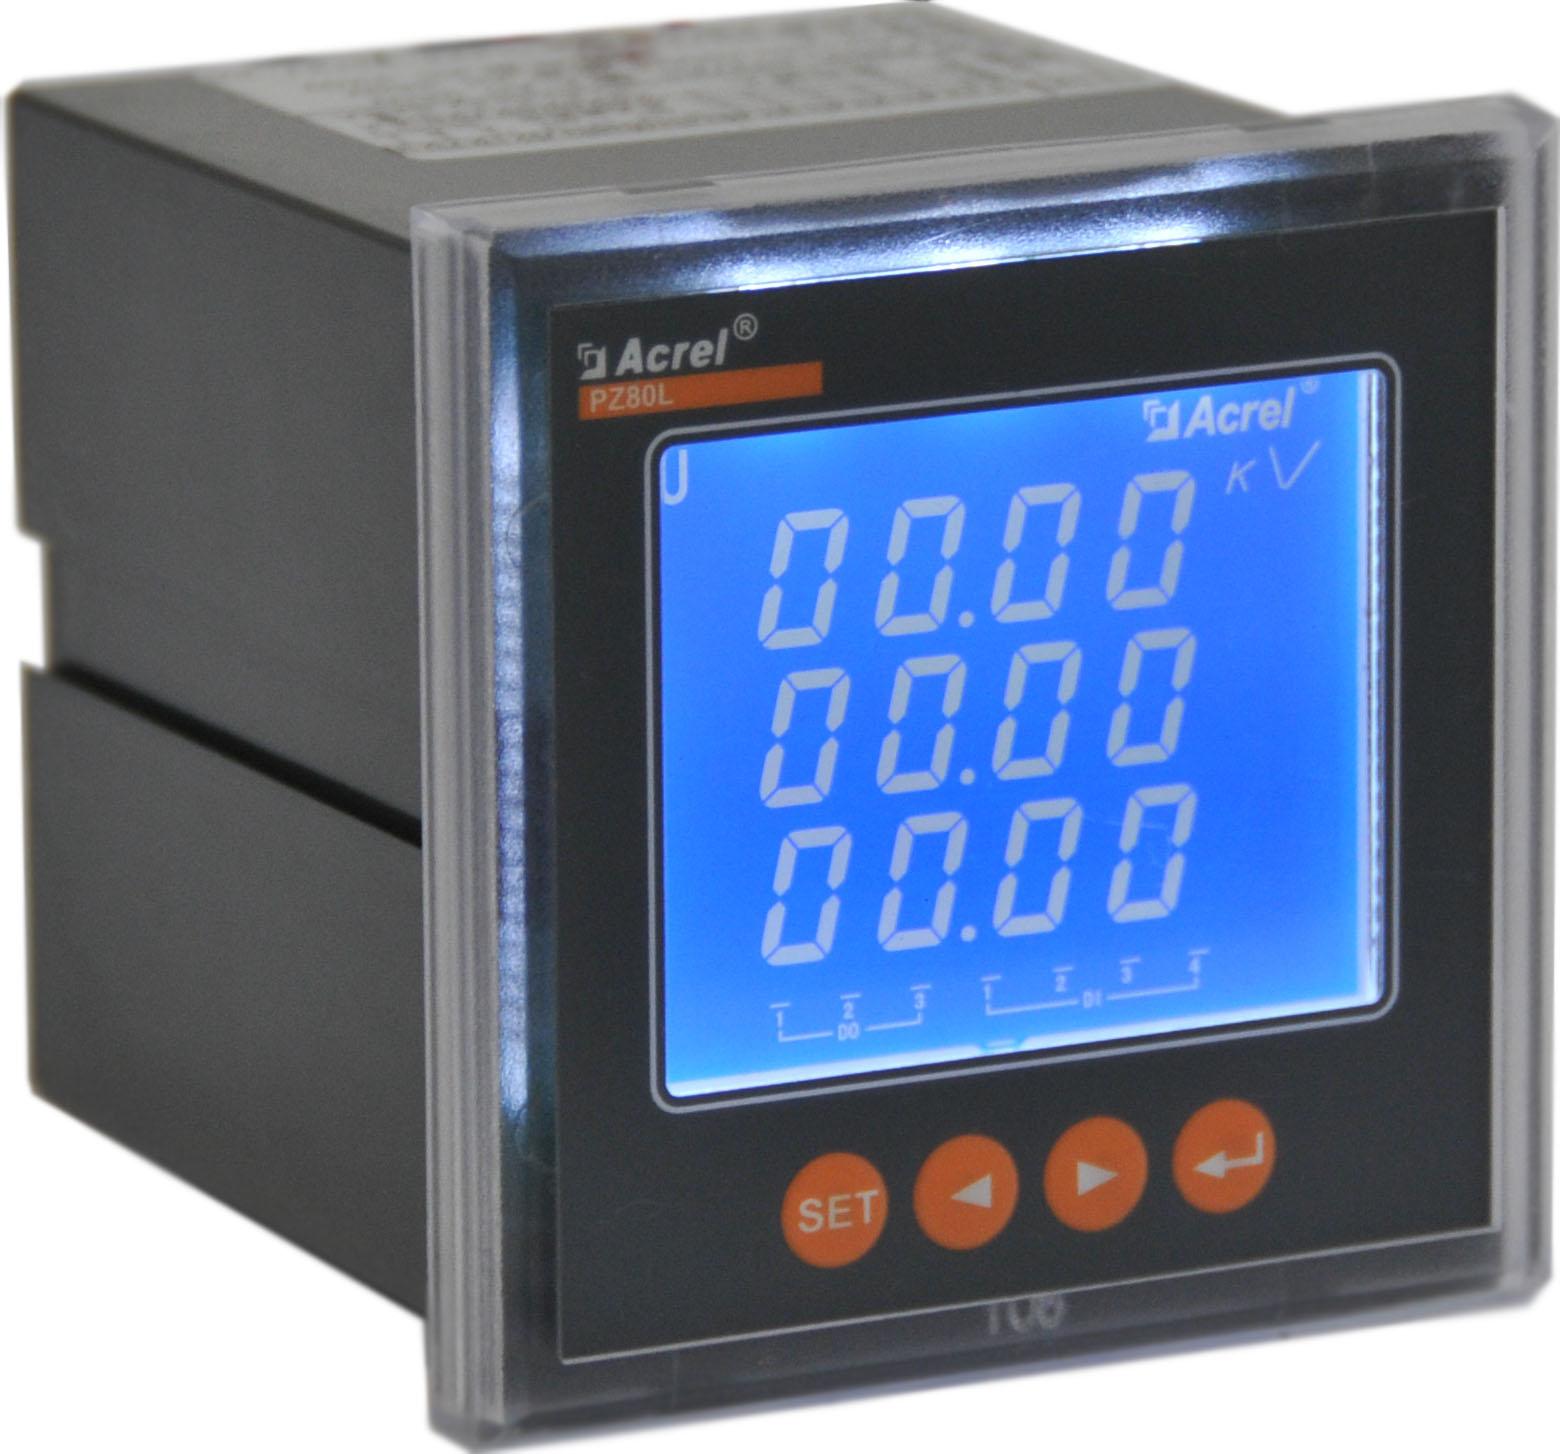 安科瑞直销 PZ42L-E4/HC 谐波 液晶显示 多功能电能表 带485通讯